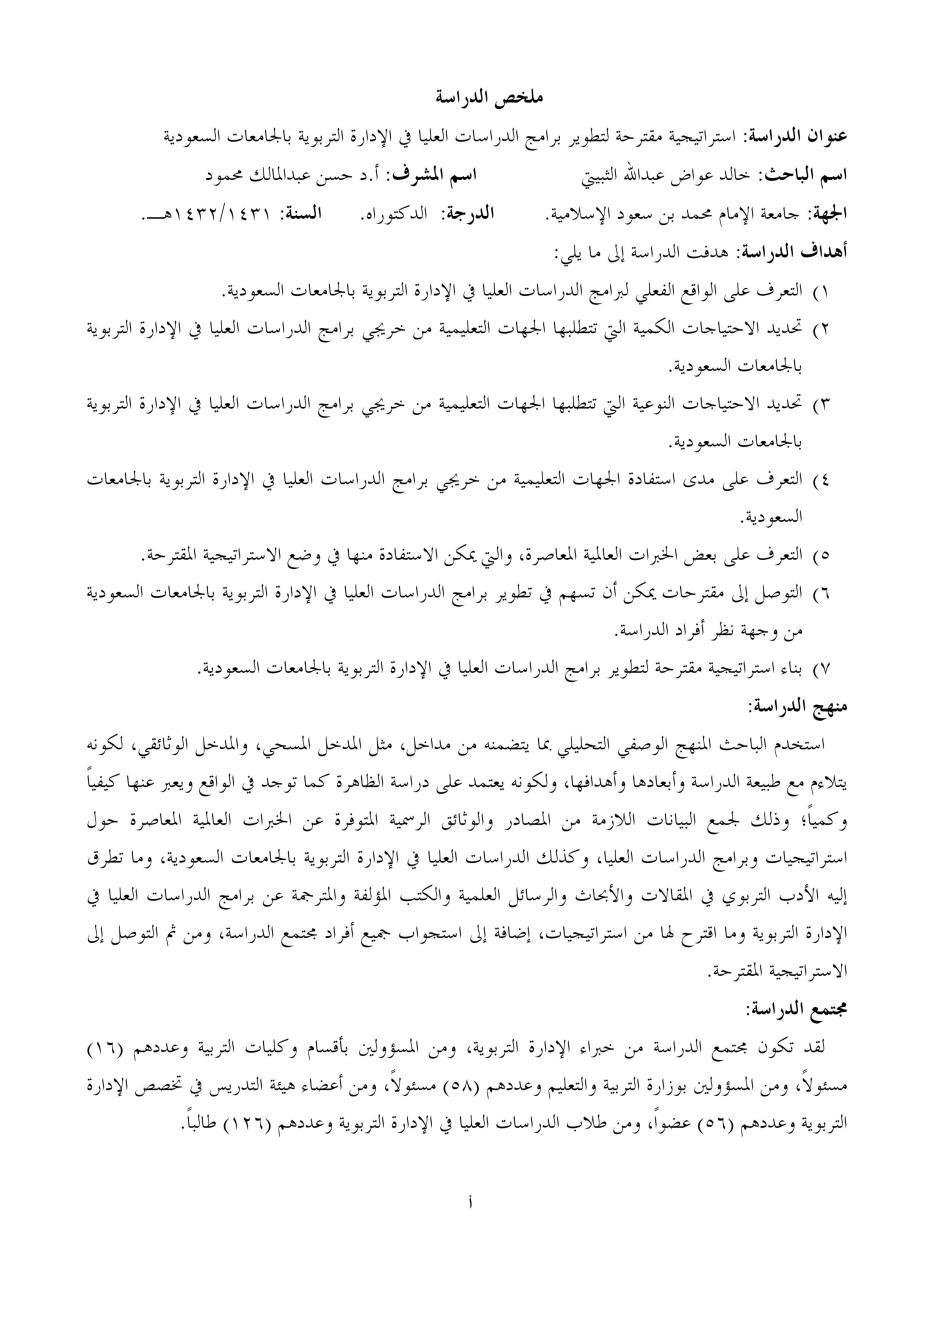 ملخص خالد الثبيتي1